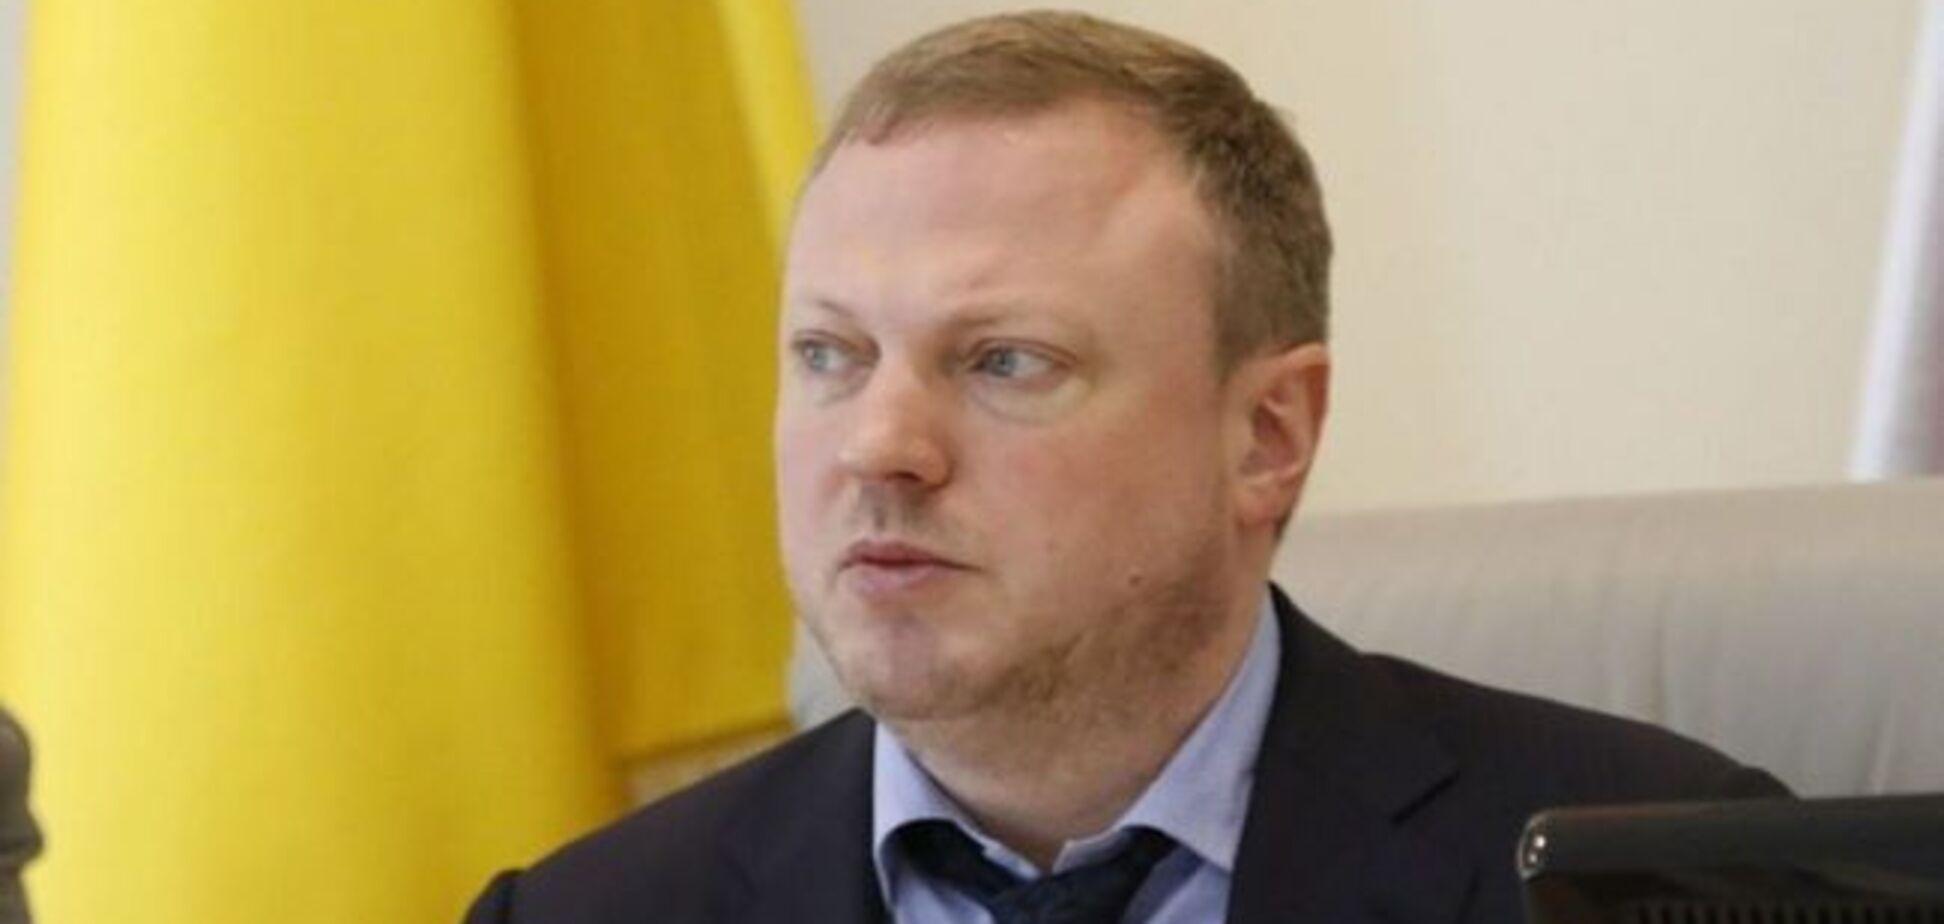 Проти Святослава Олійника відкрили кримінальне провадження у зв'язку з приватизацією Аульської хлоропереливної станції